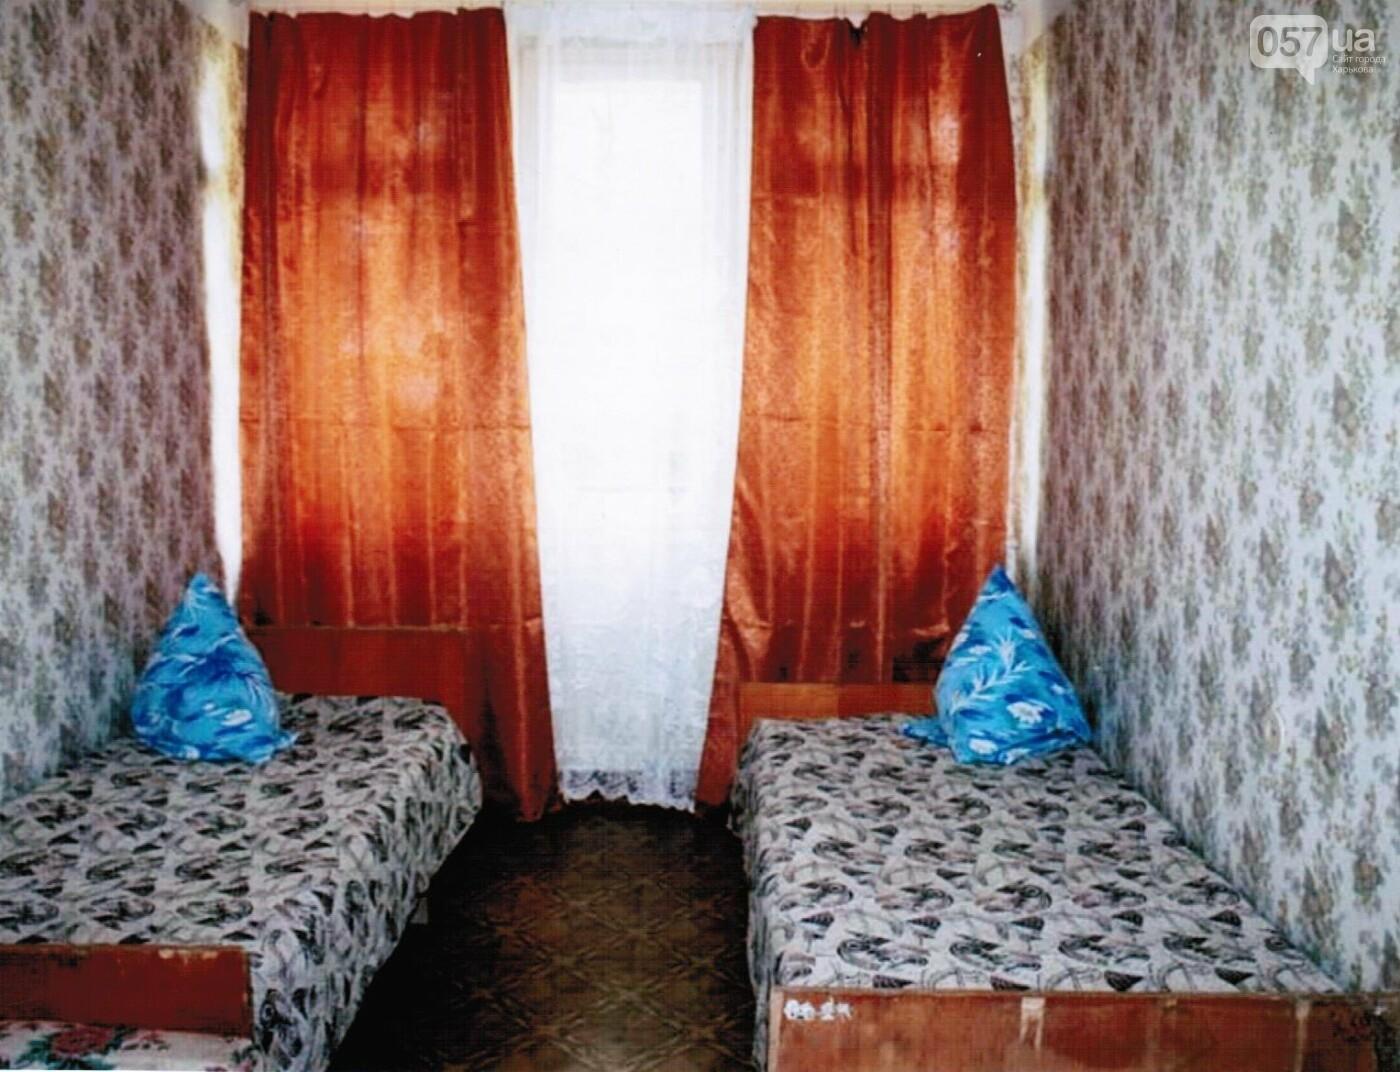 Где отдохнуть на море этим летом: обзор жилья и цен на украинских курортах , фото-111